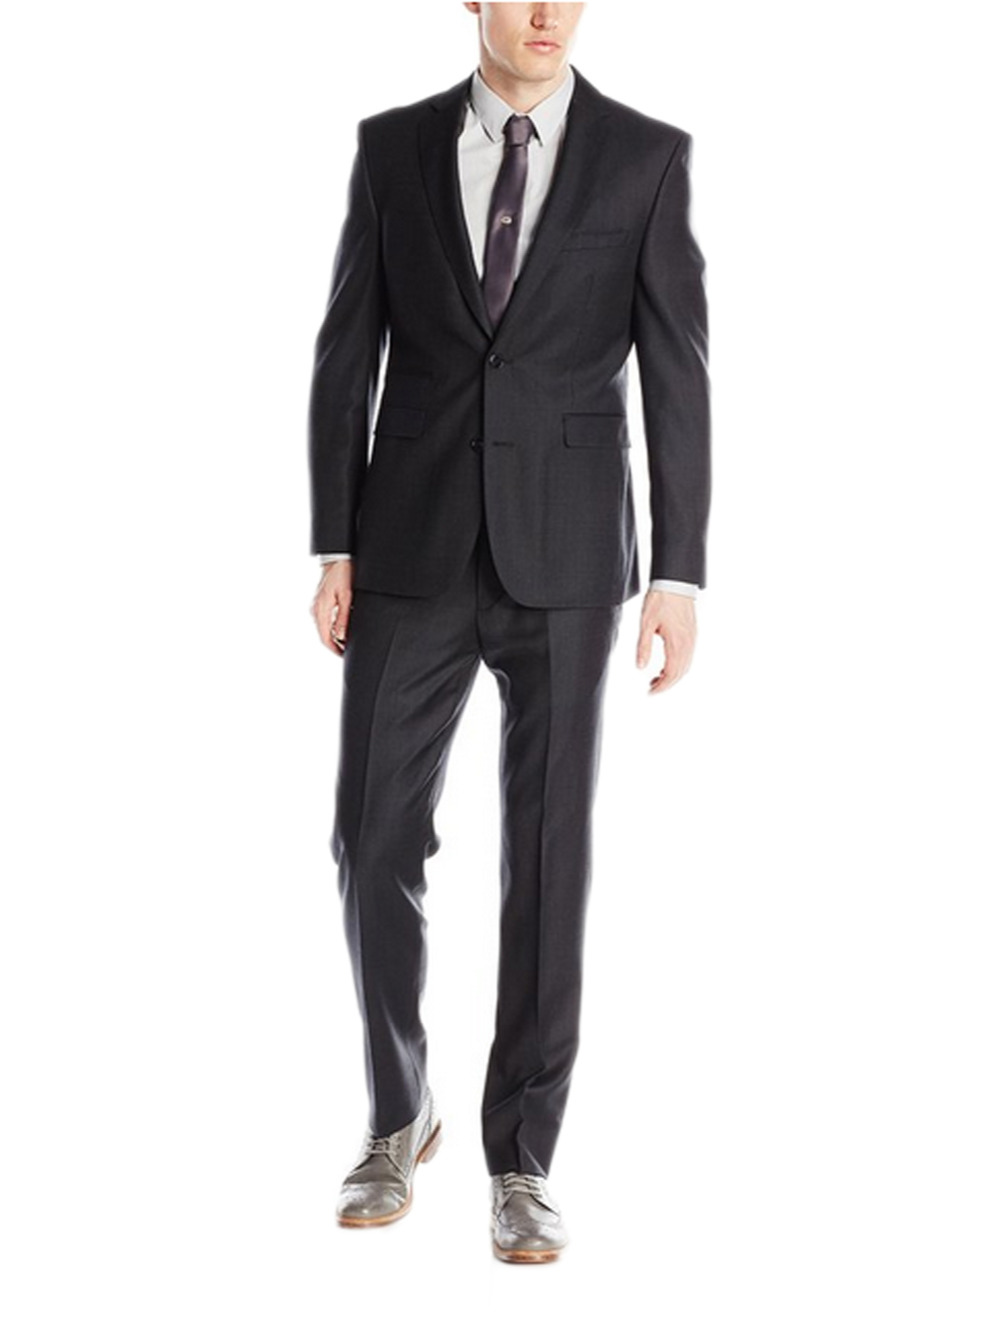 DIKN Mens Two Pieces Business Slim Fit Suit Two Button Tuxedo Blazer Jacket Pants Set